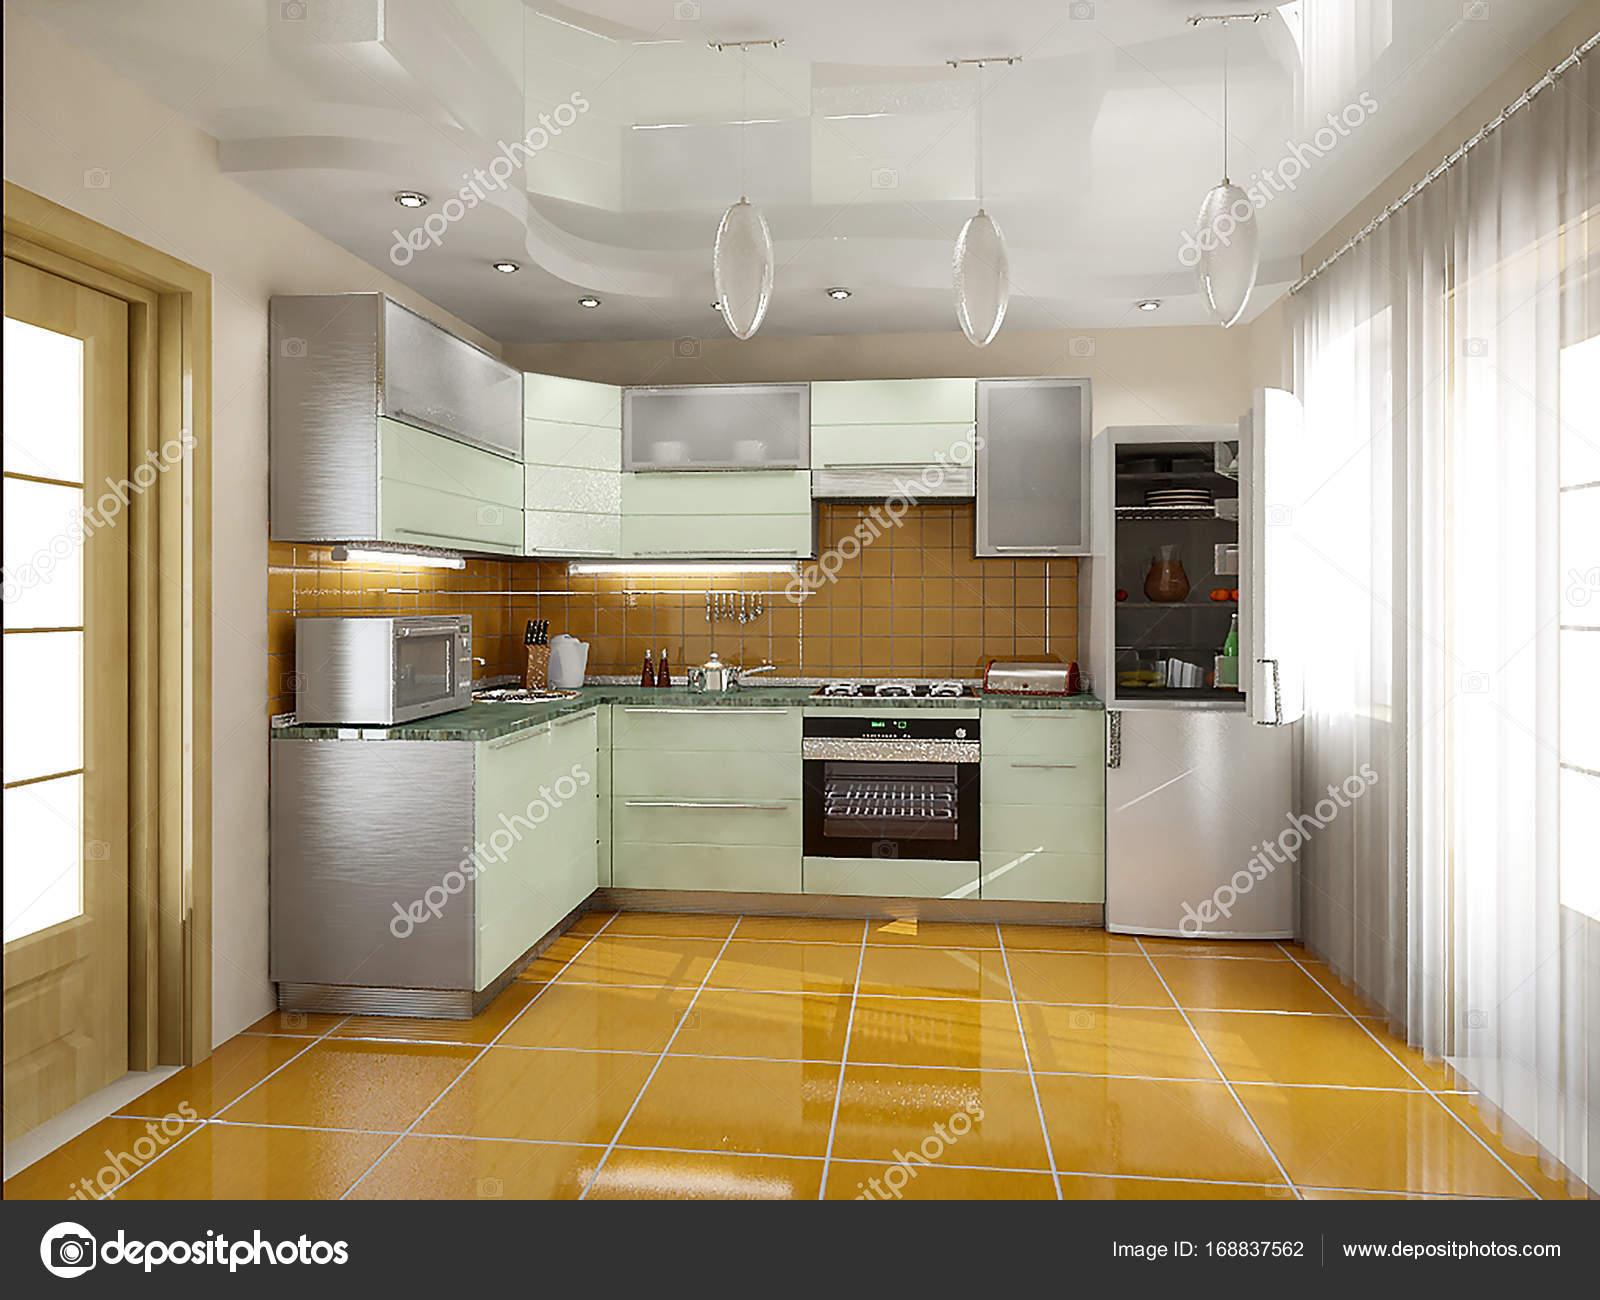 Ideeen Interieur Keuken : Keuken interieur ideeën 3d render u2014 stockfoto © threedicube #168837562